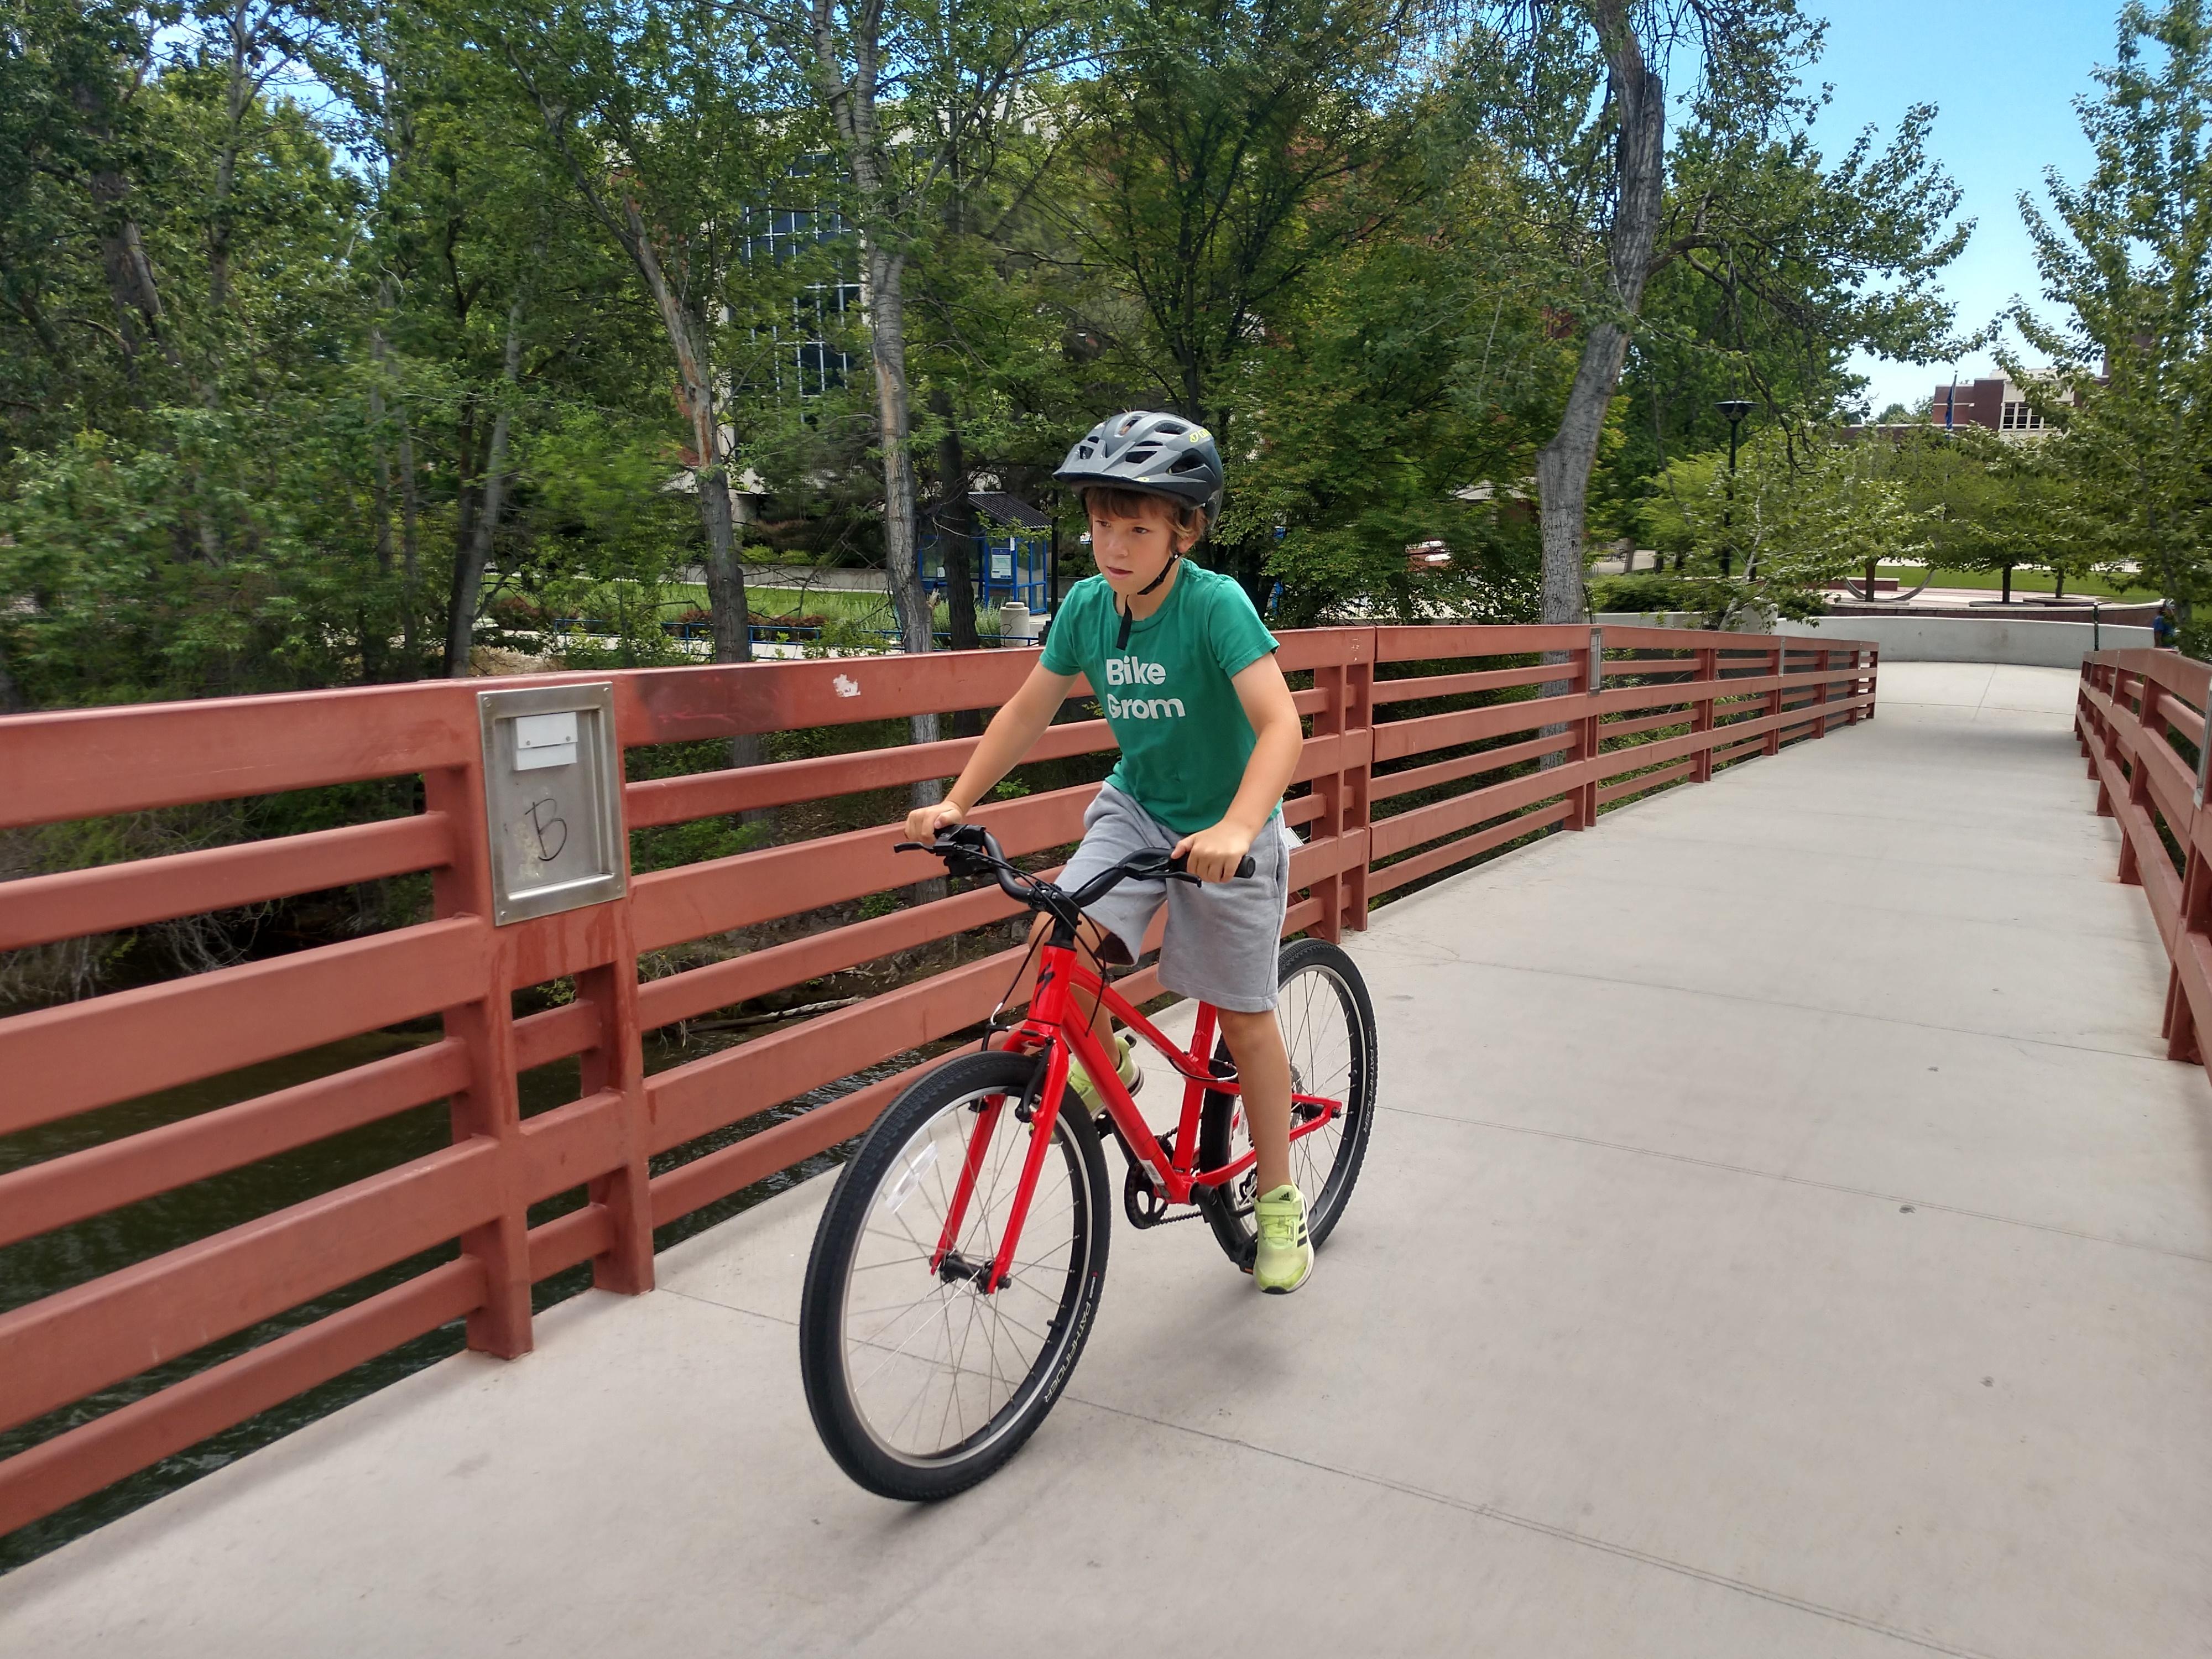 specialized jett kids bike in action